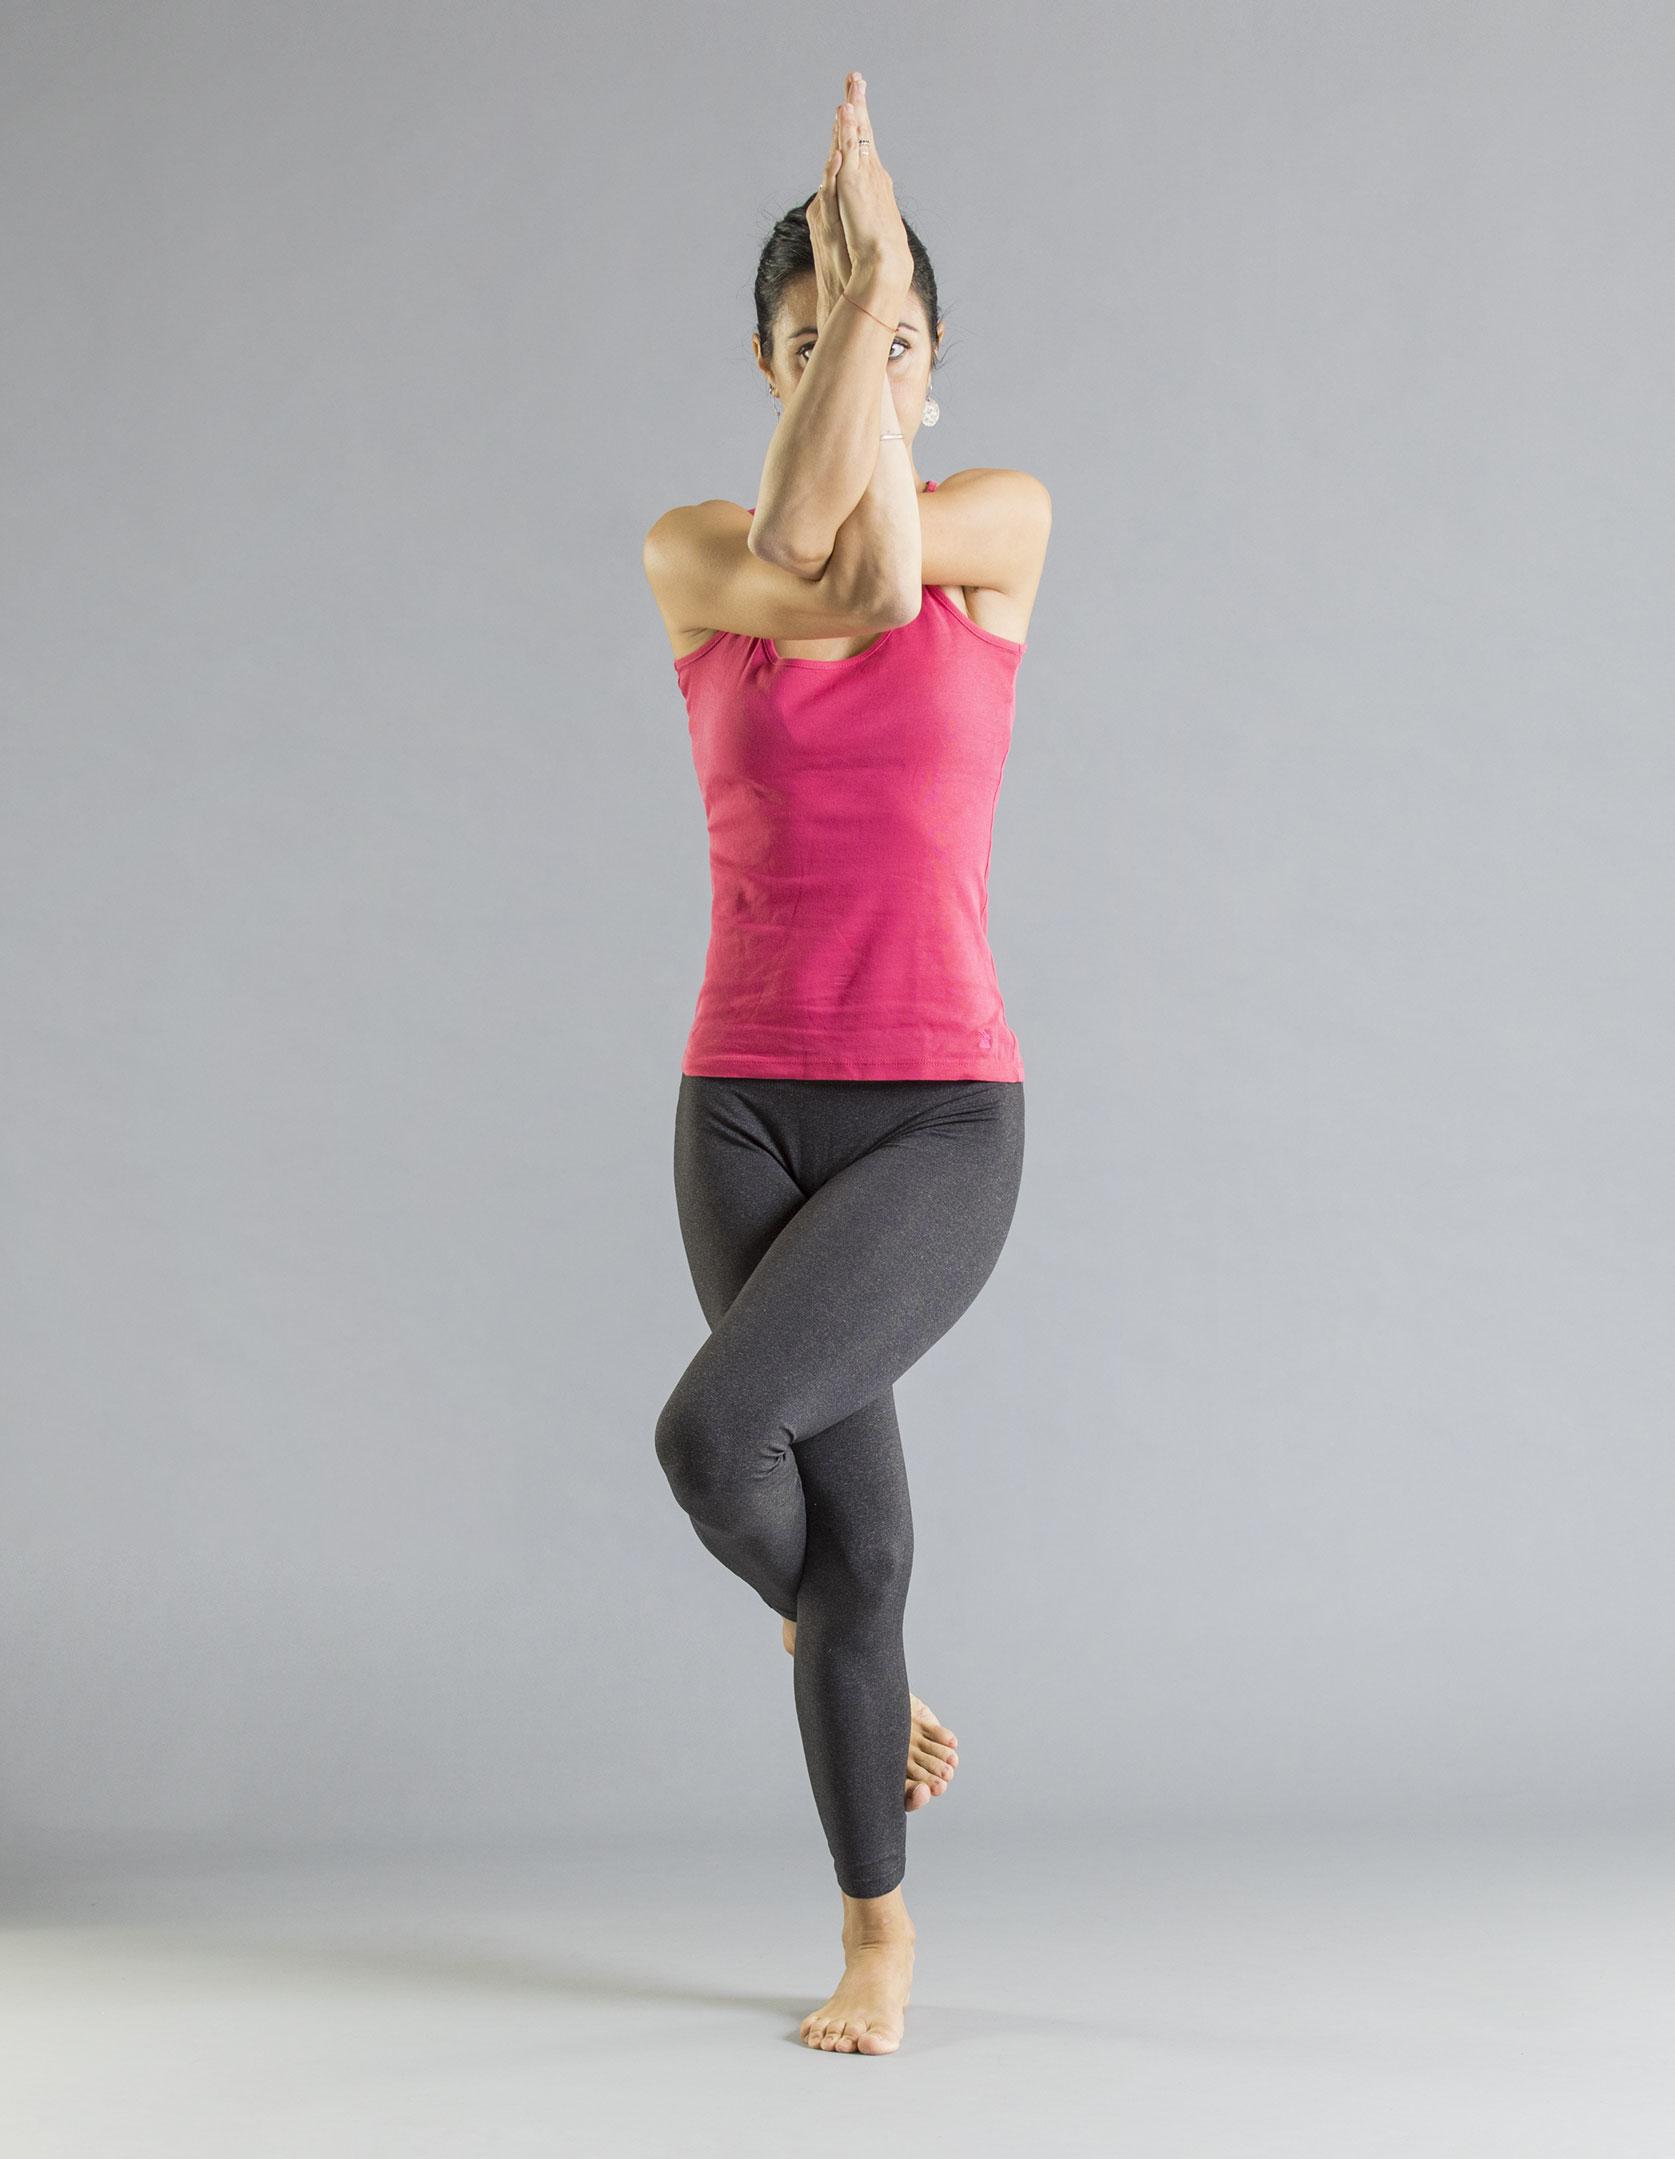 Asana - Asana e Yoga | Vivere lo Yoga il portale del benessere